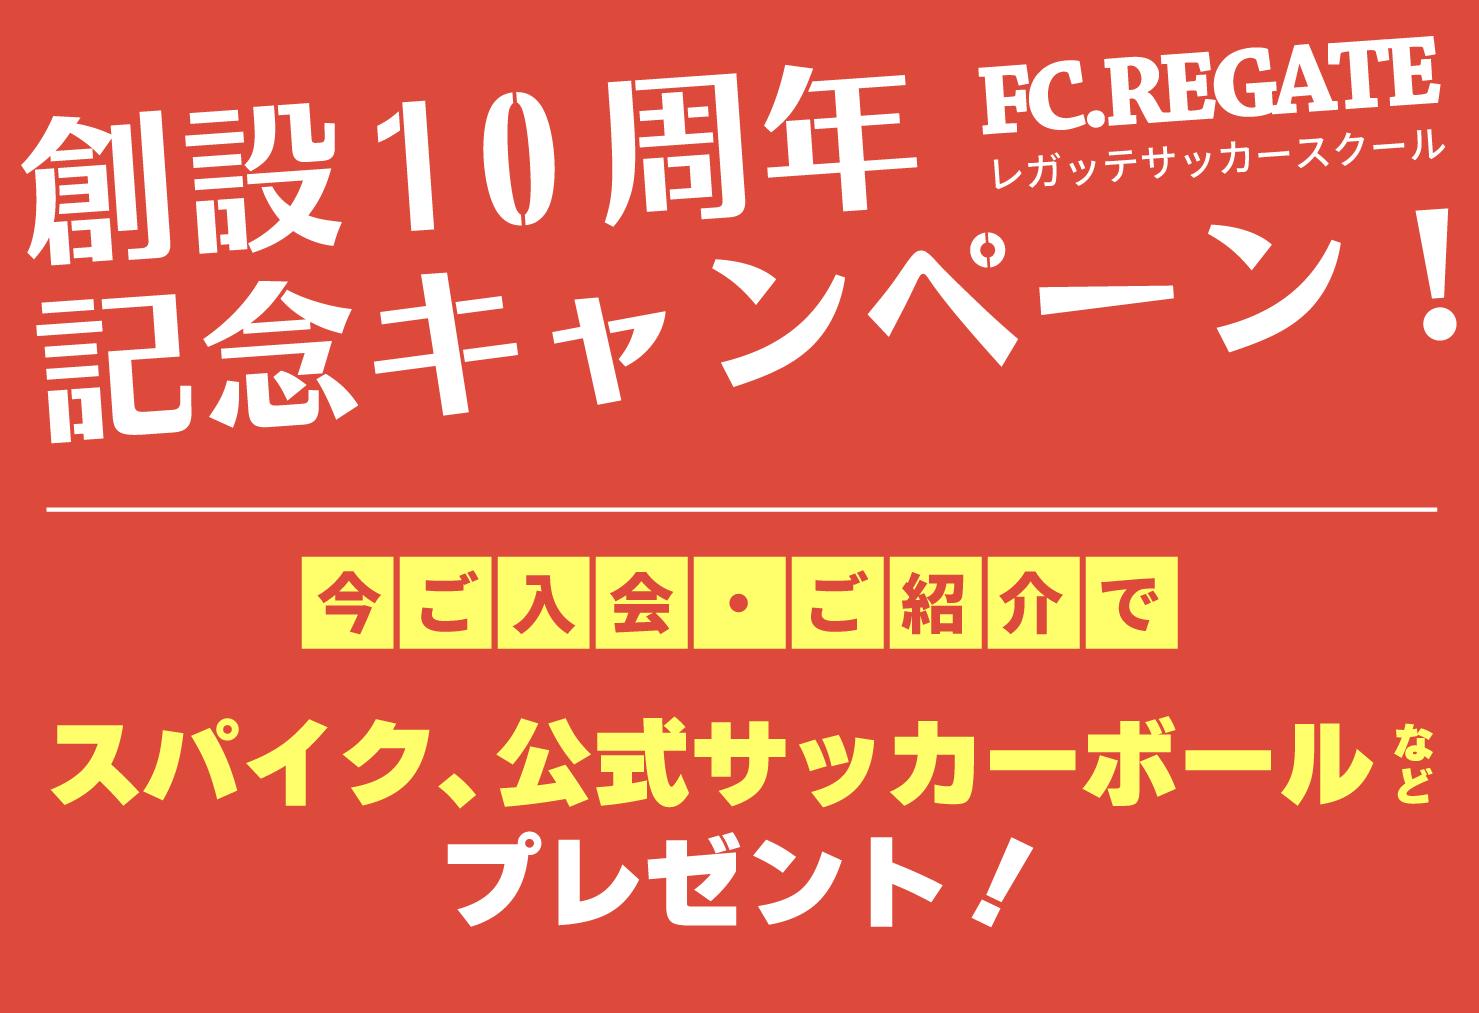 10周年記念キャンペーン内容